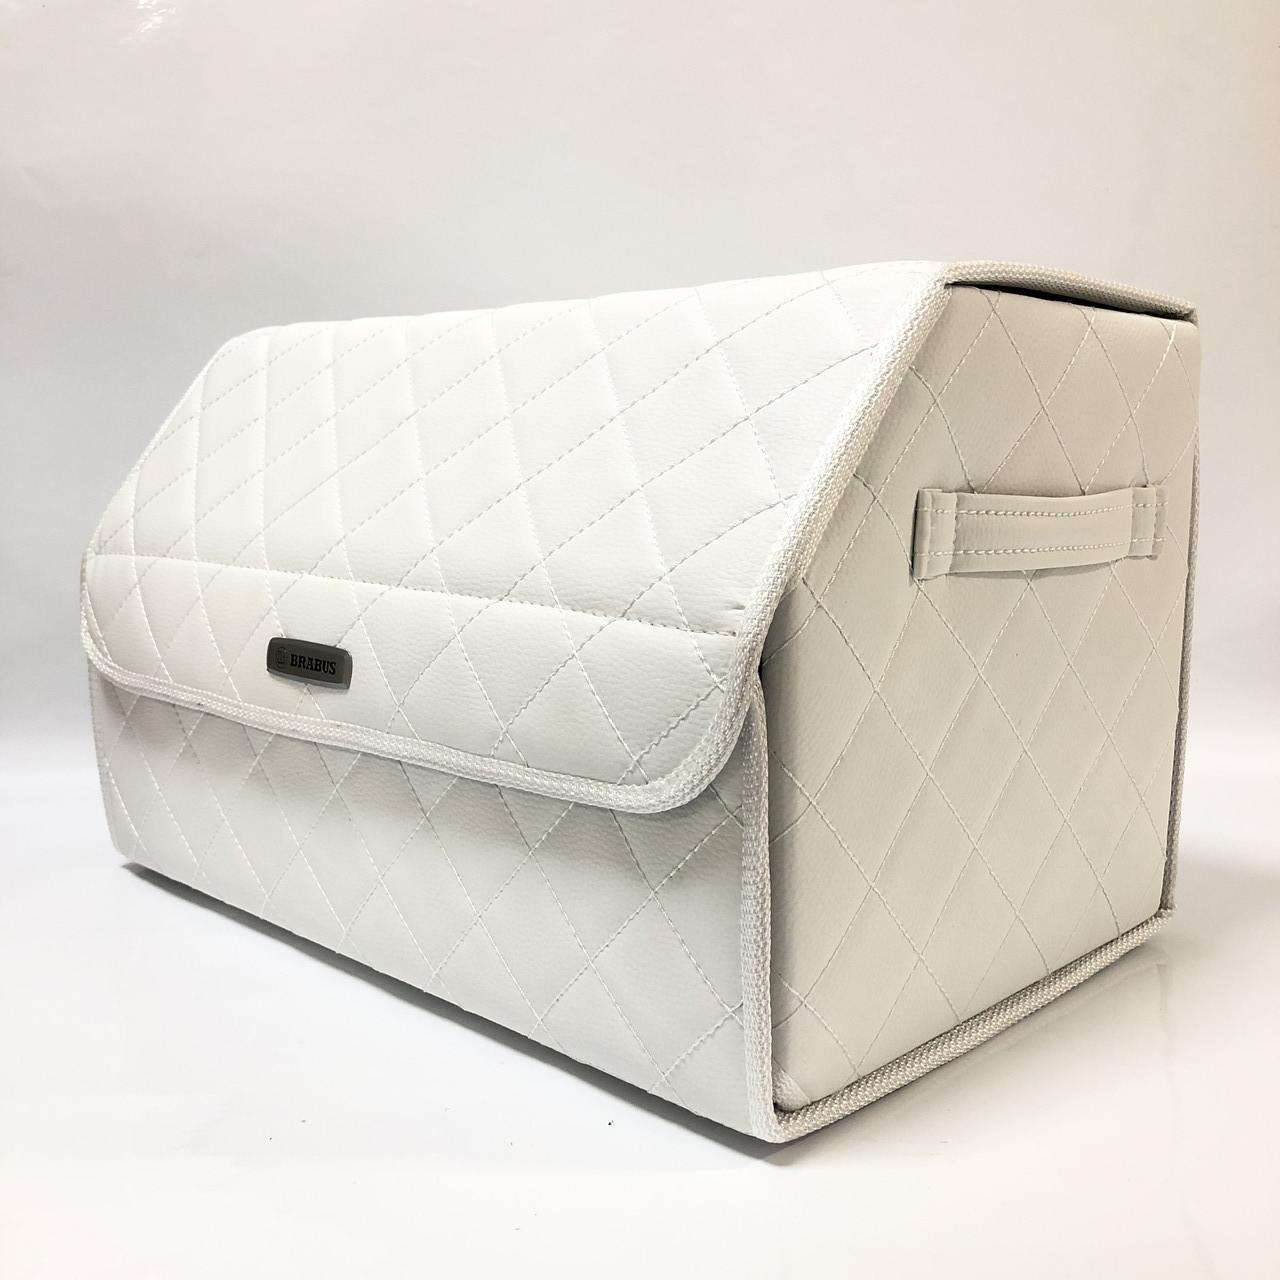 Саквояж с лого в багажник «Brabus» I Органайзер в авто Белый Brabus